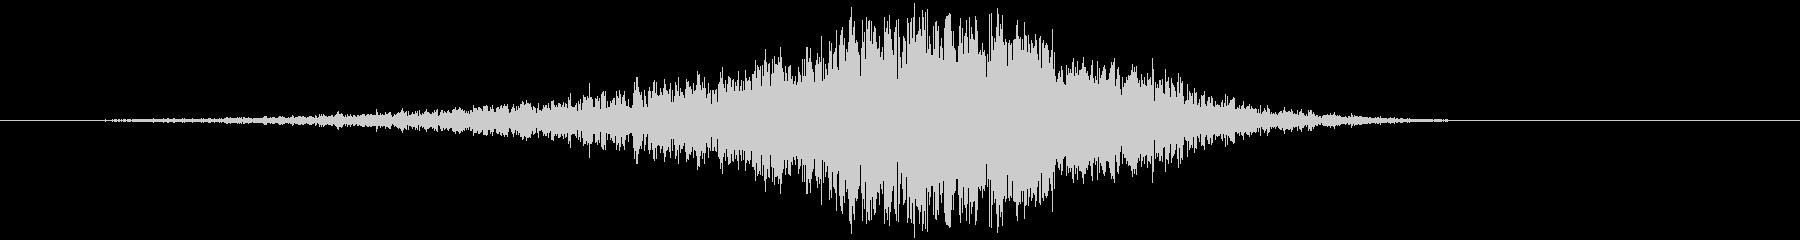 ZipQuick EC02_90_3の未再生の波形